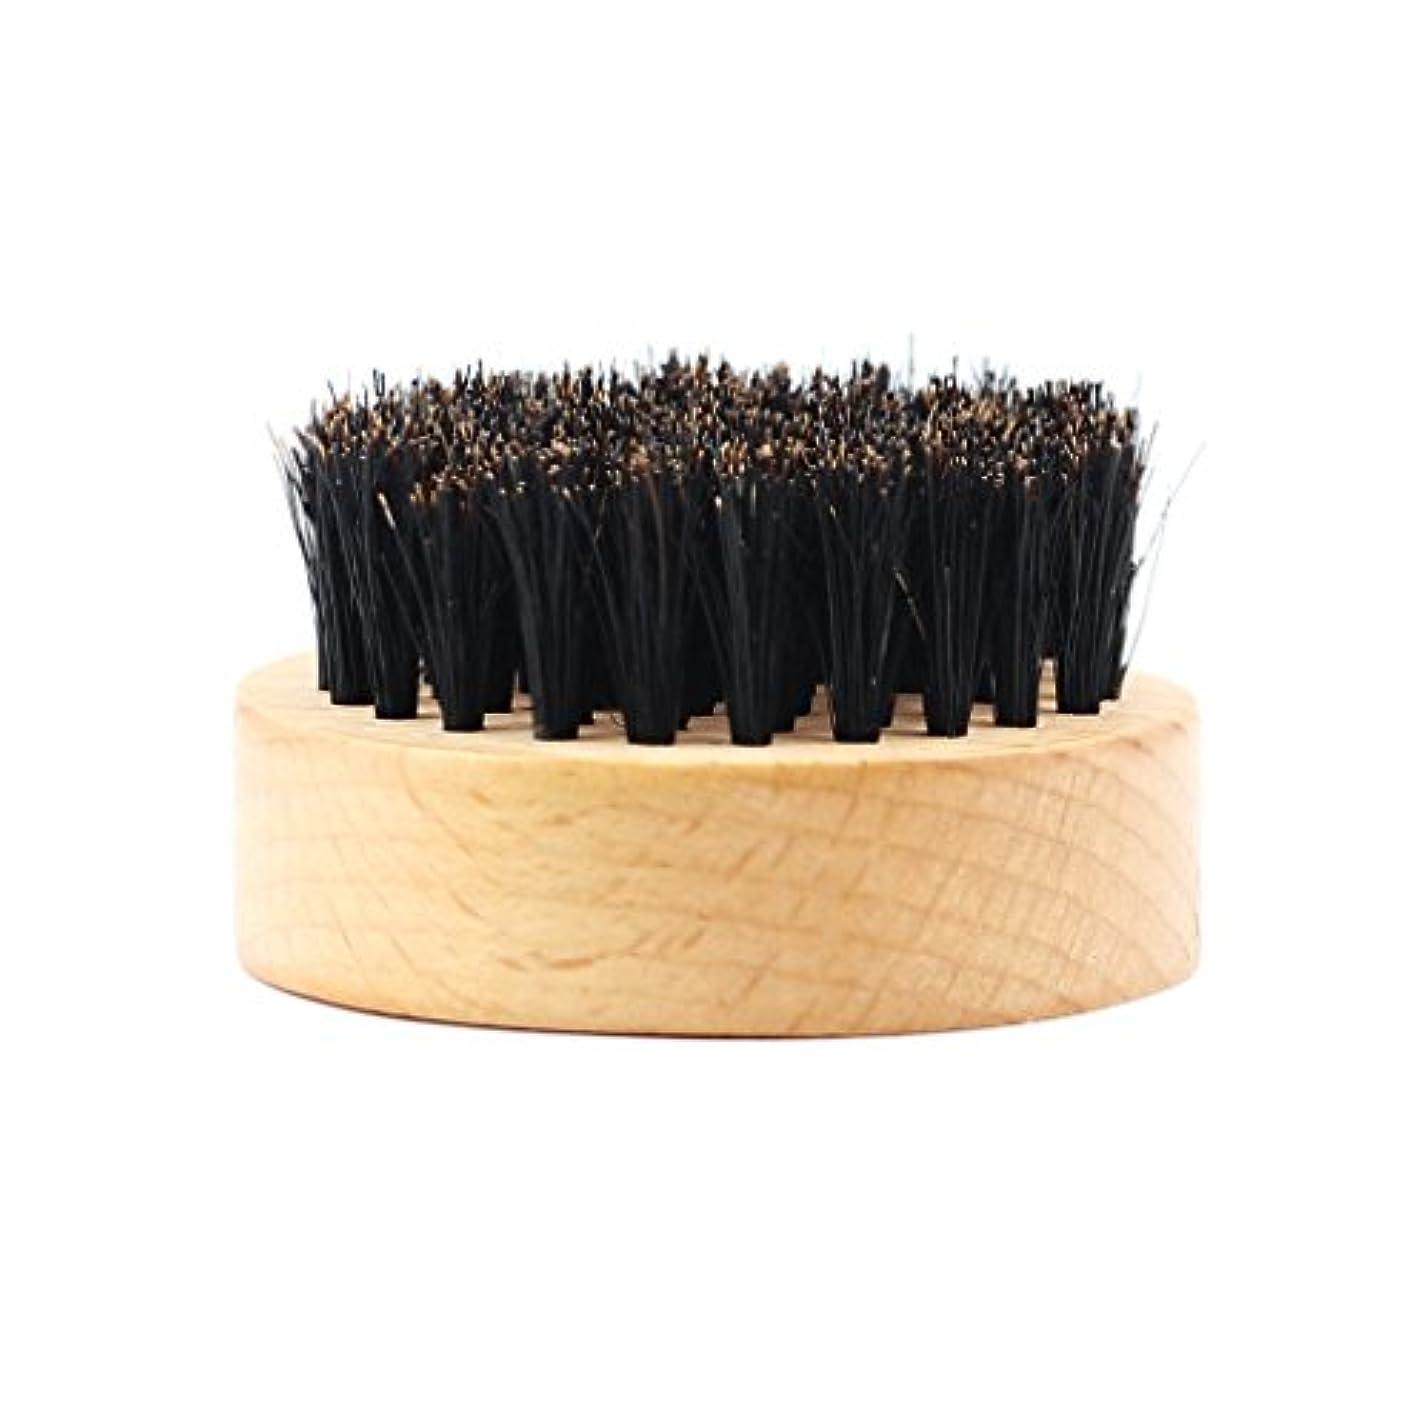 前件提出する札入れB Blesiya ひげ髭   ブラシ ひげ  櫛 メンズ プレゼント 2タイプ選択 - #2